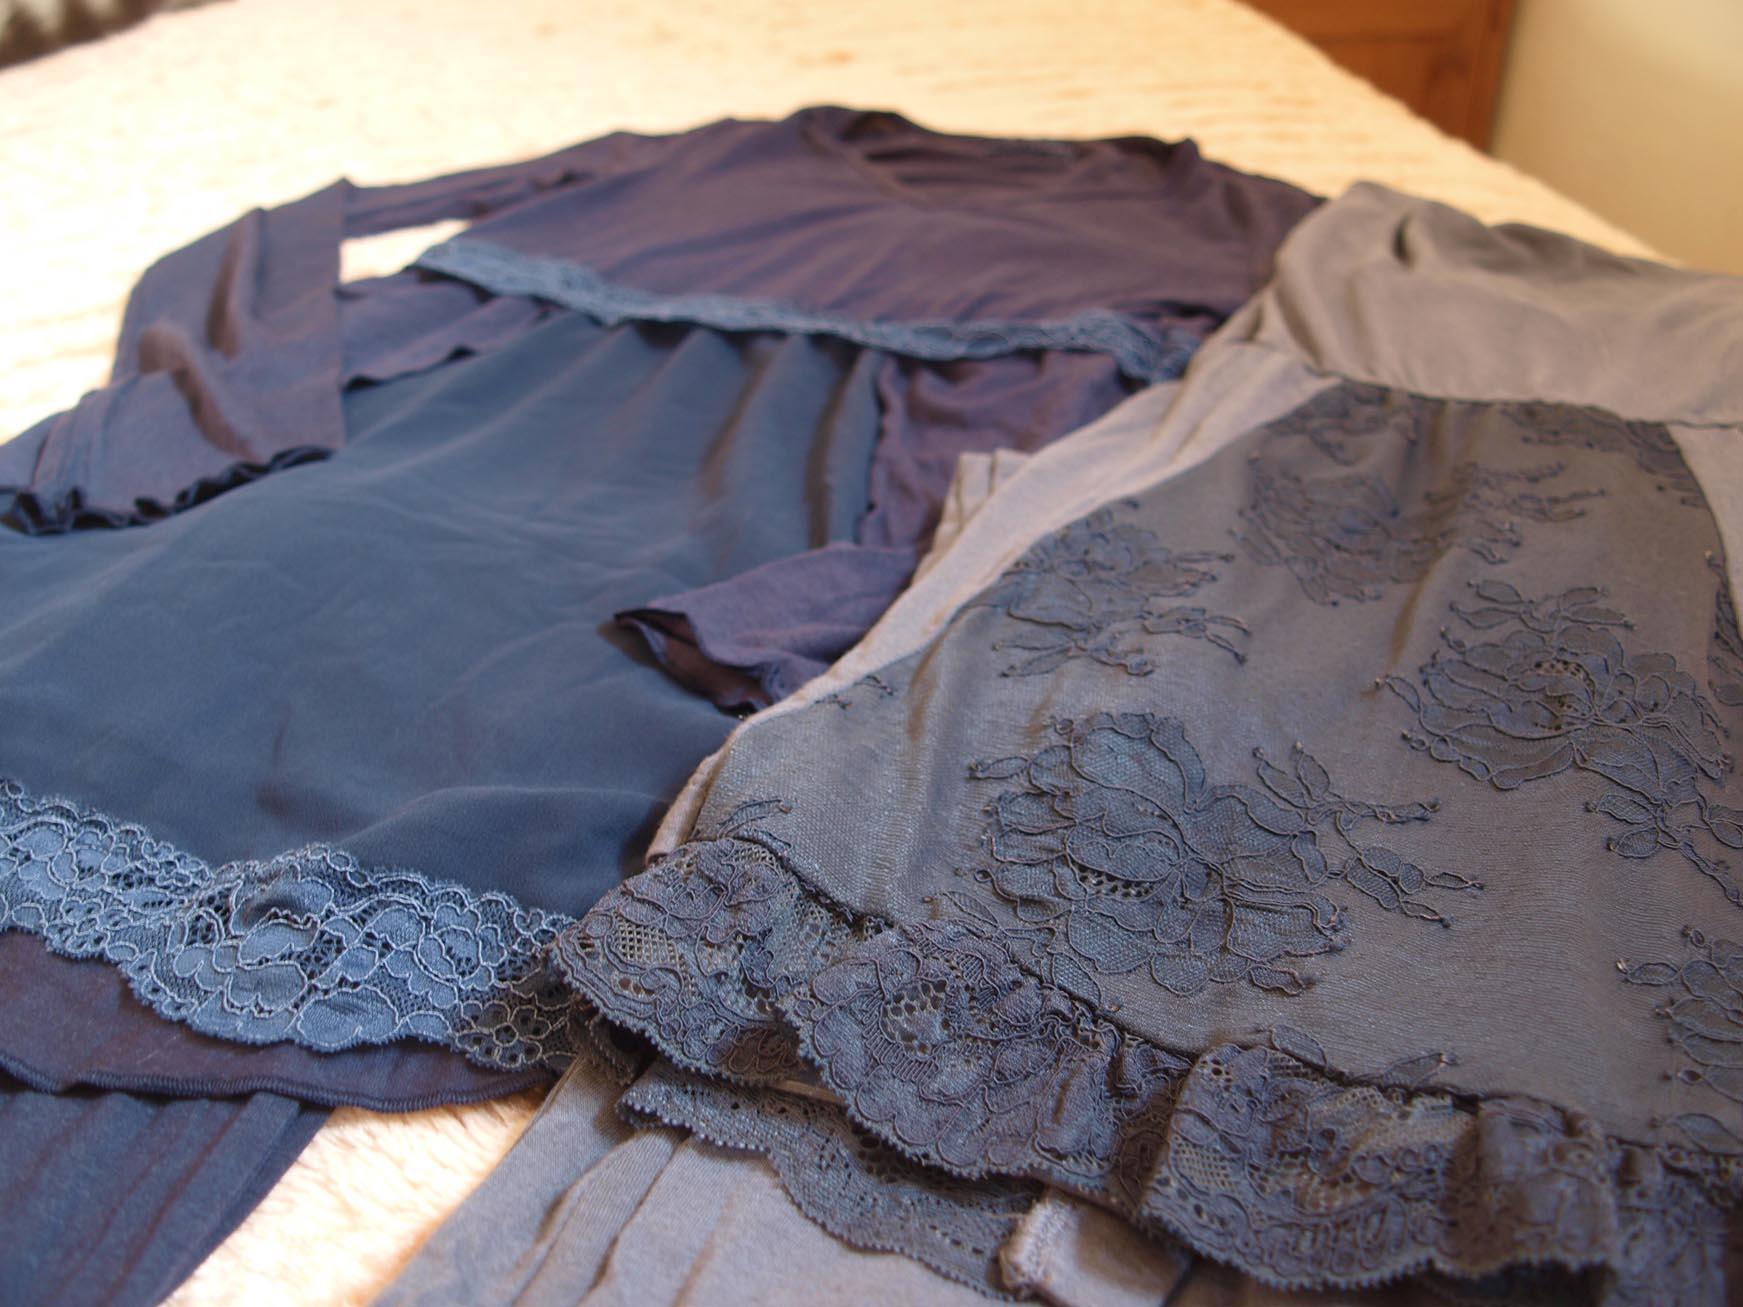 私の密かな贅沢はここのパジャマでベットに入る事_c0179785_553774.jpg